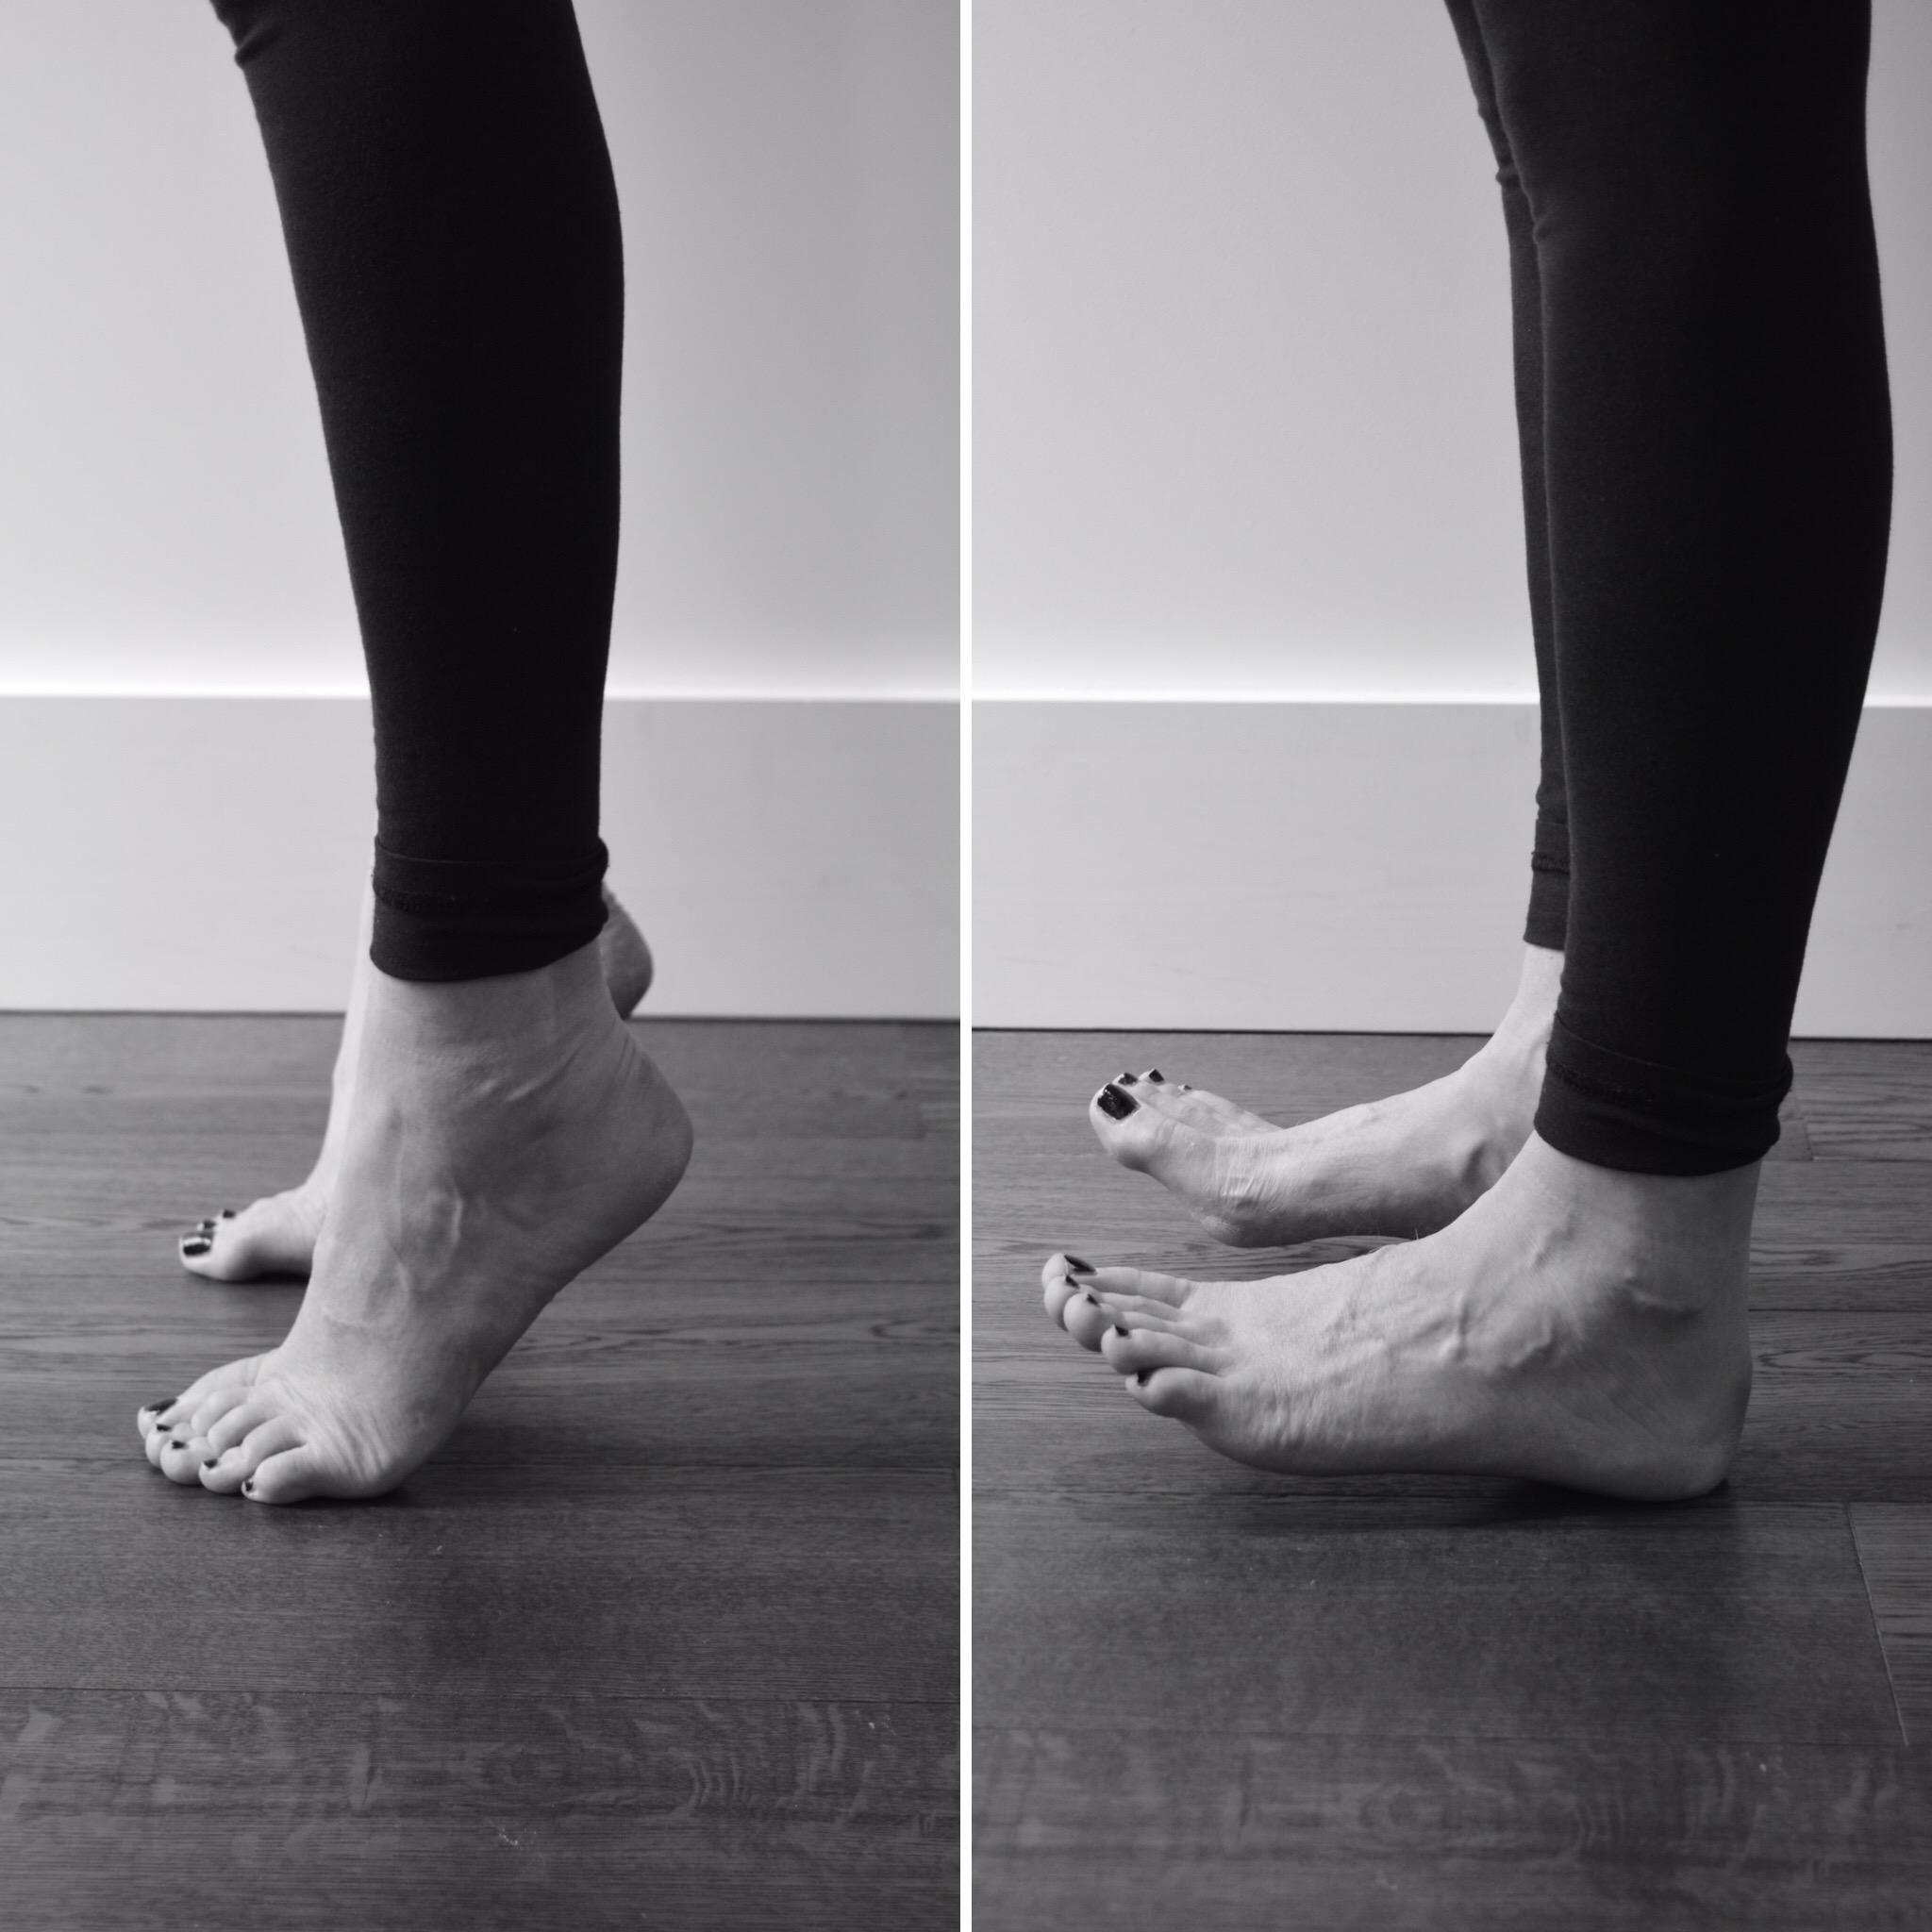 Rocking exercises to improve balance